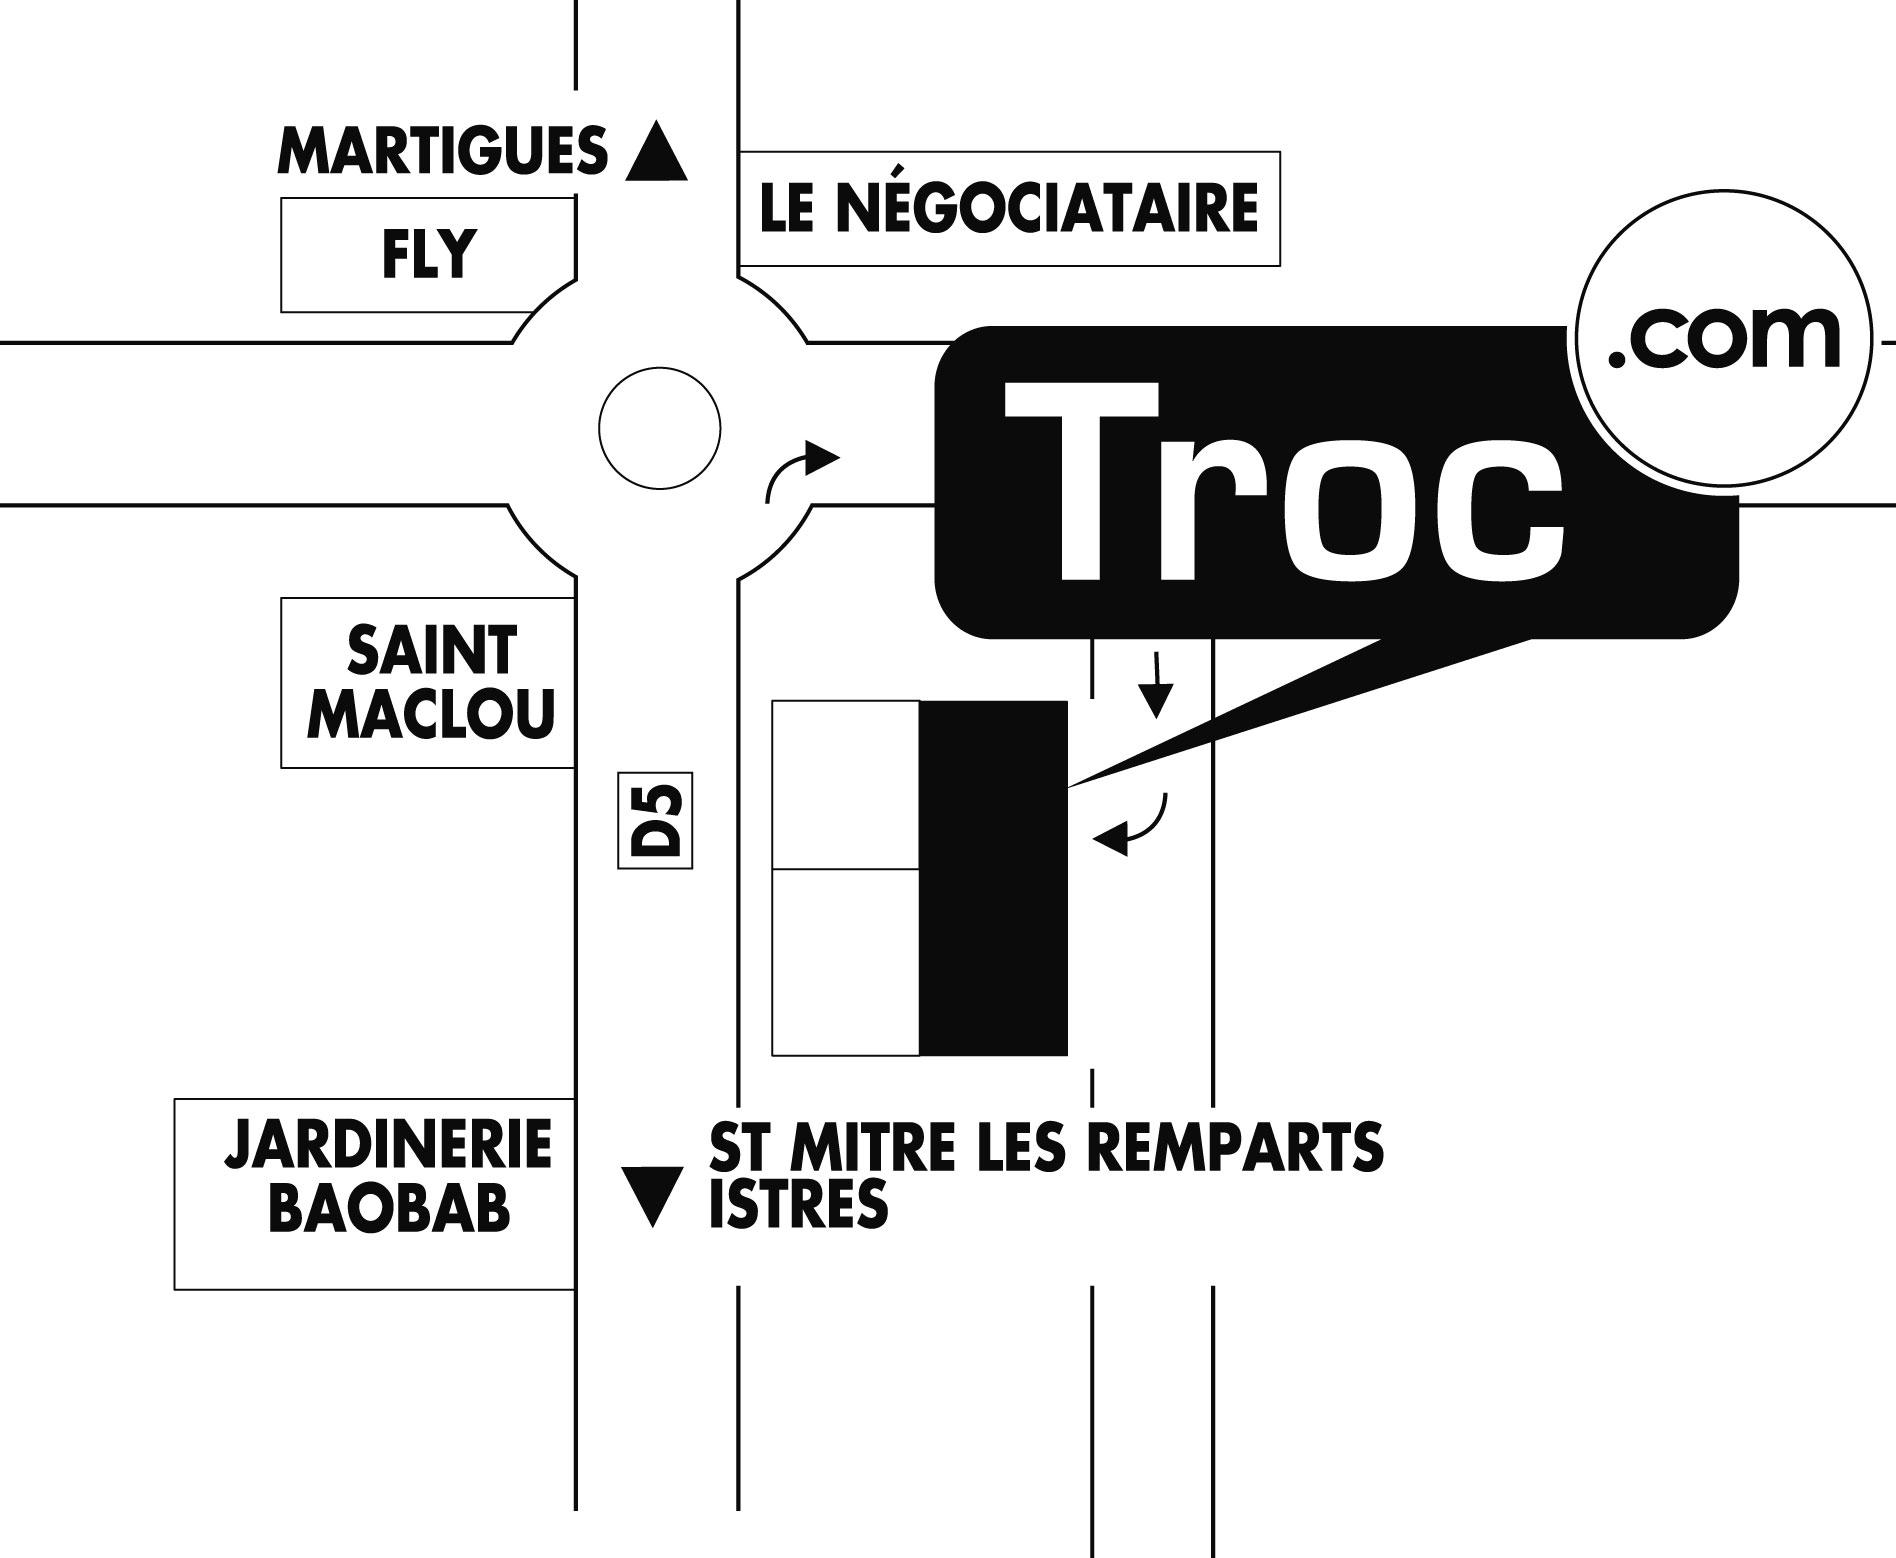 Depot Vente Saint Mitre Les Remparts Magasin Troc